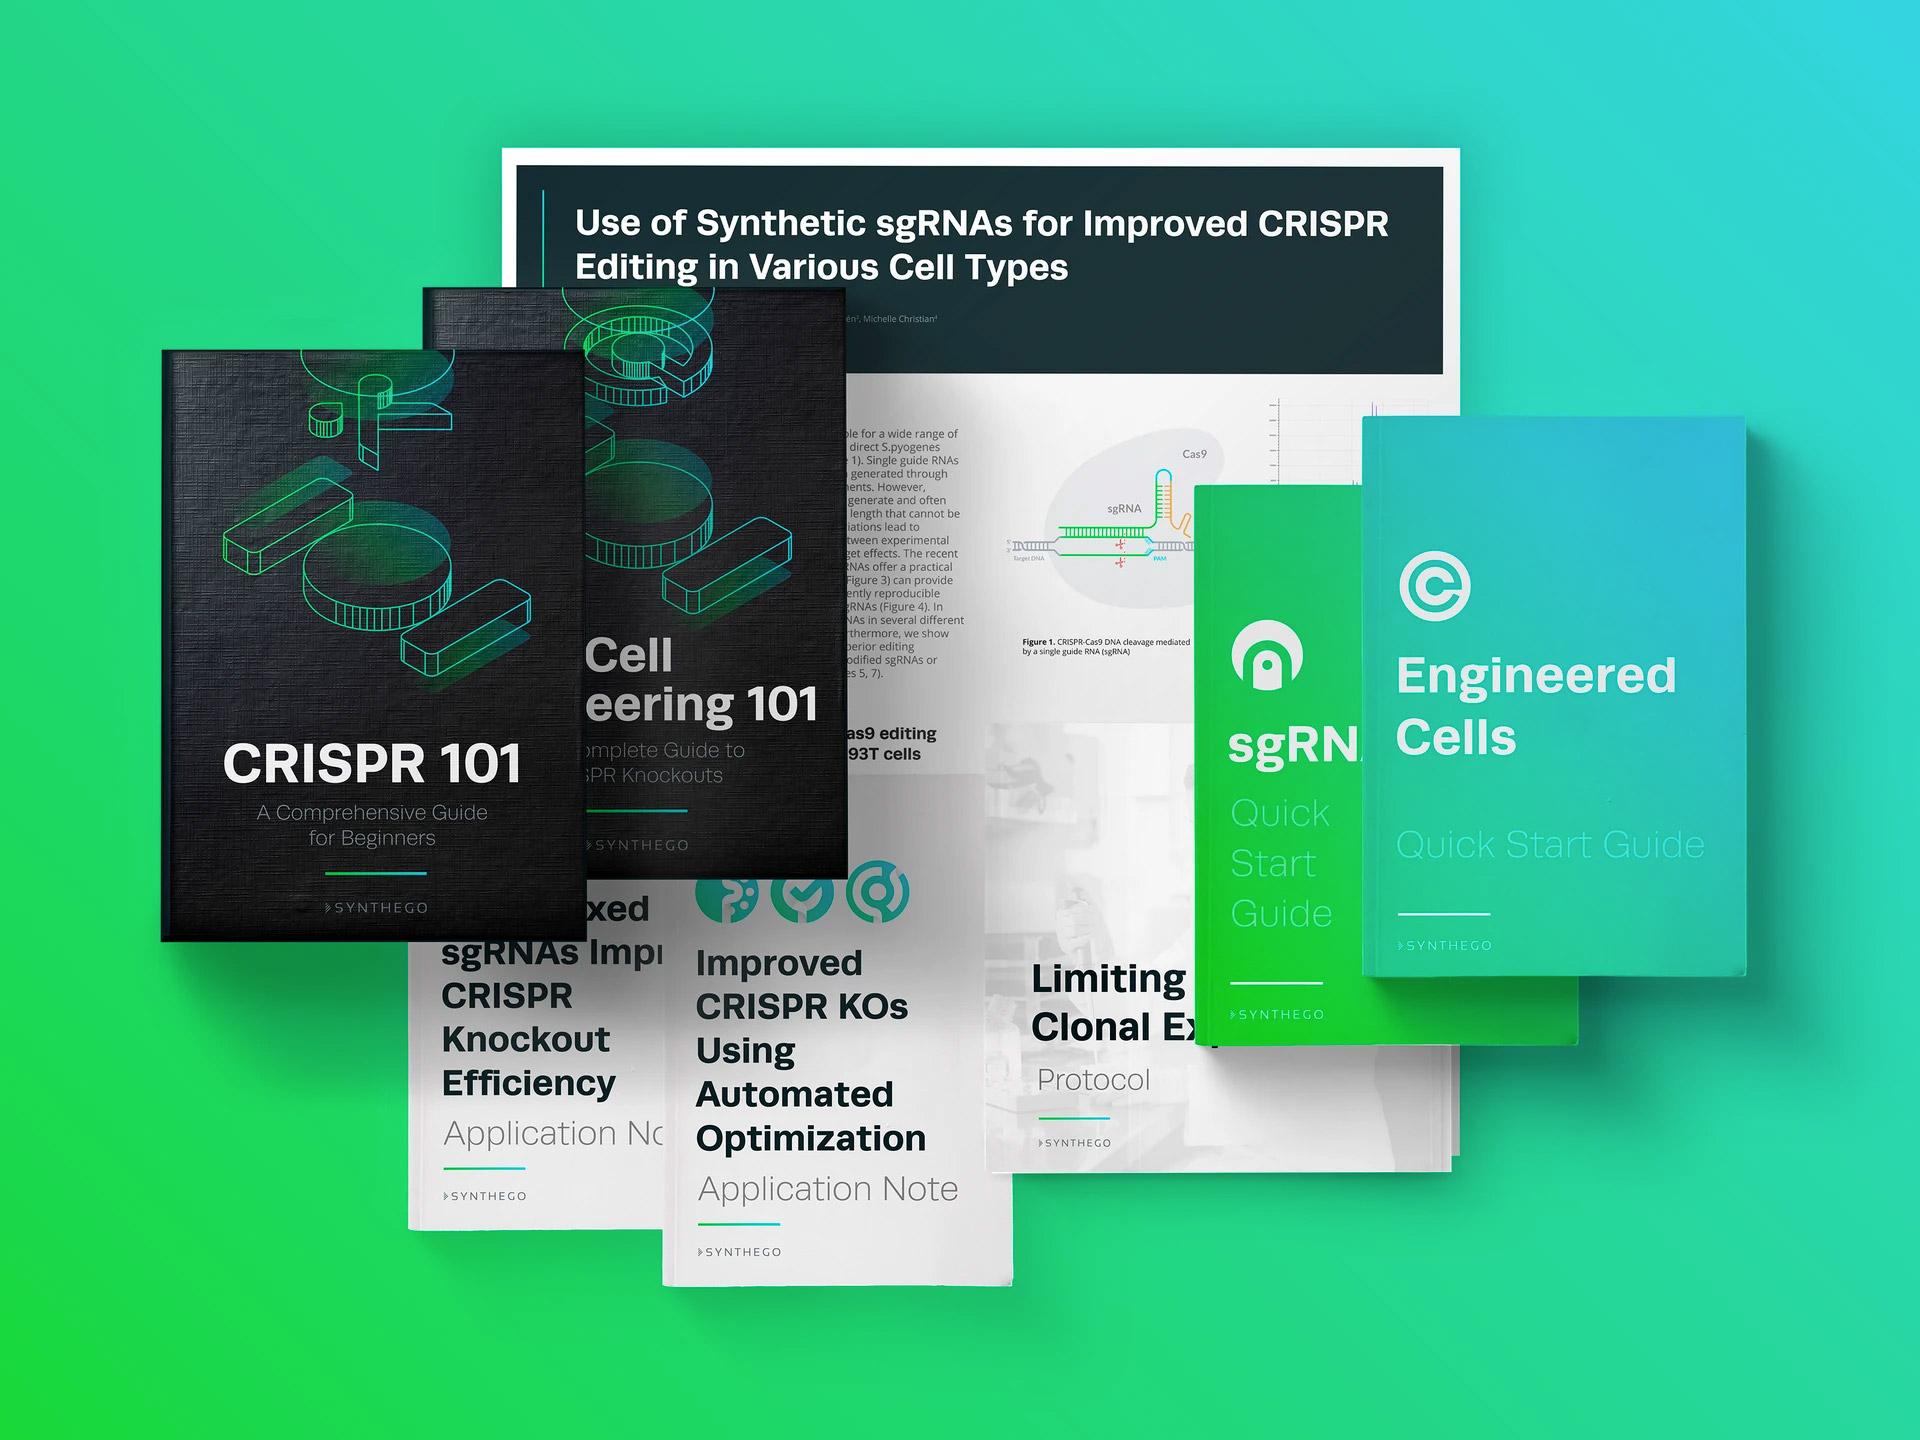 CRISPR starter kit image